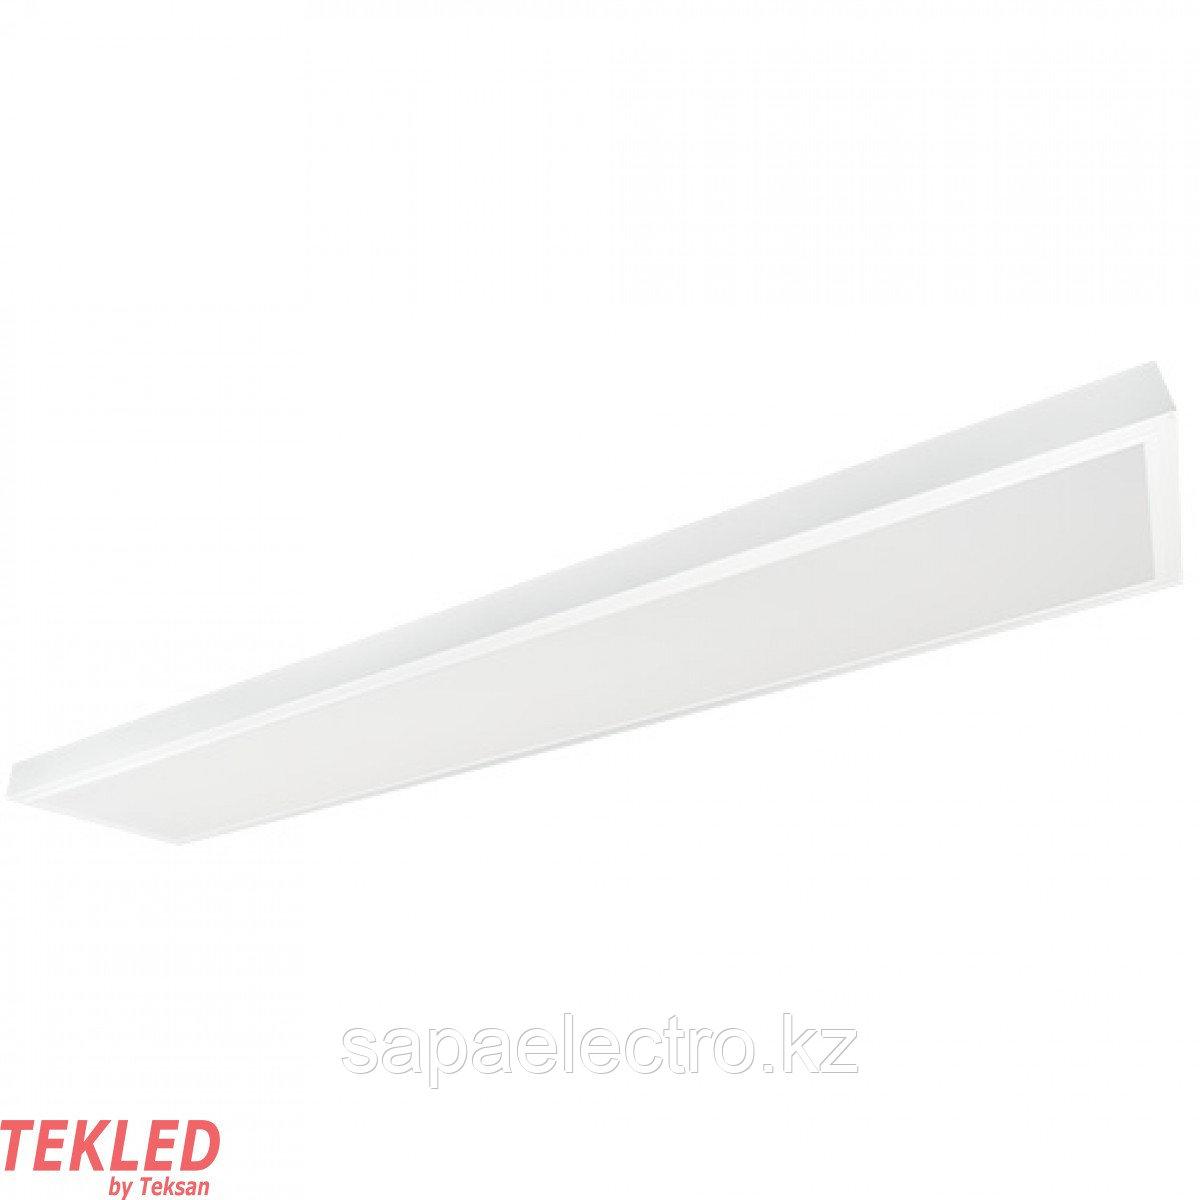 Св-к OPALLED 10X9W/LZN 236 MODERNA накл-й MEGALUX